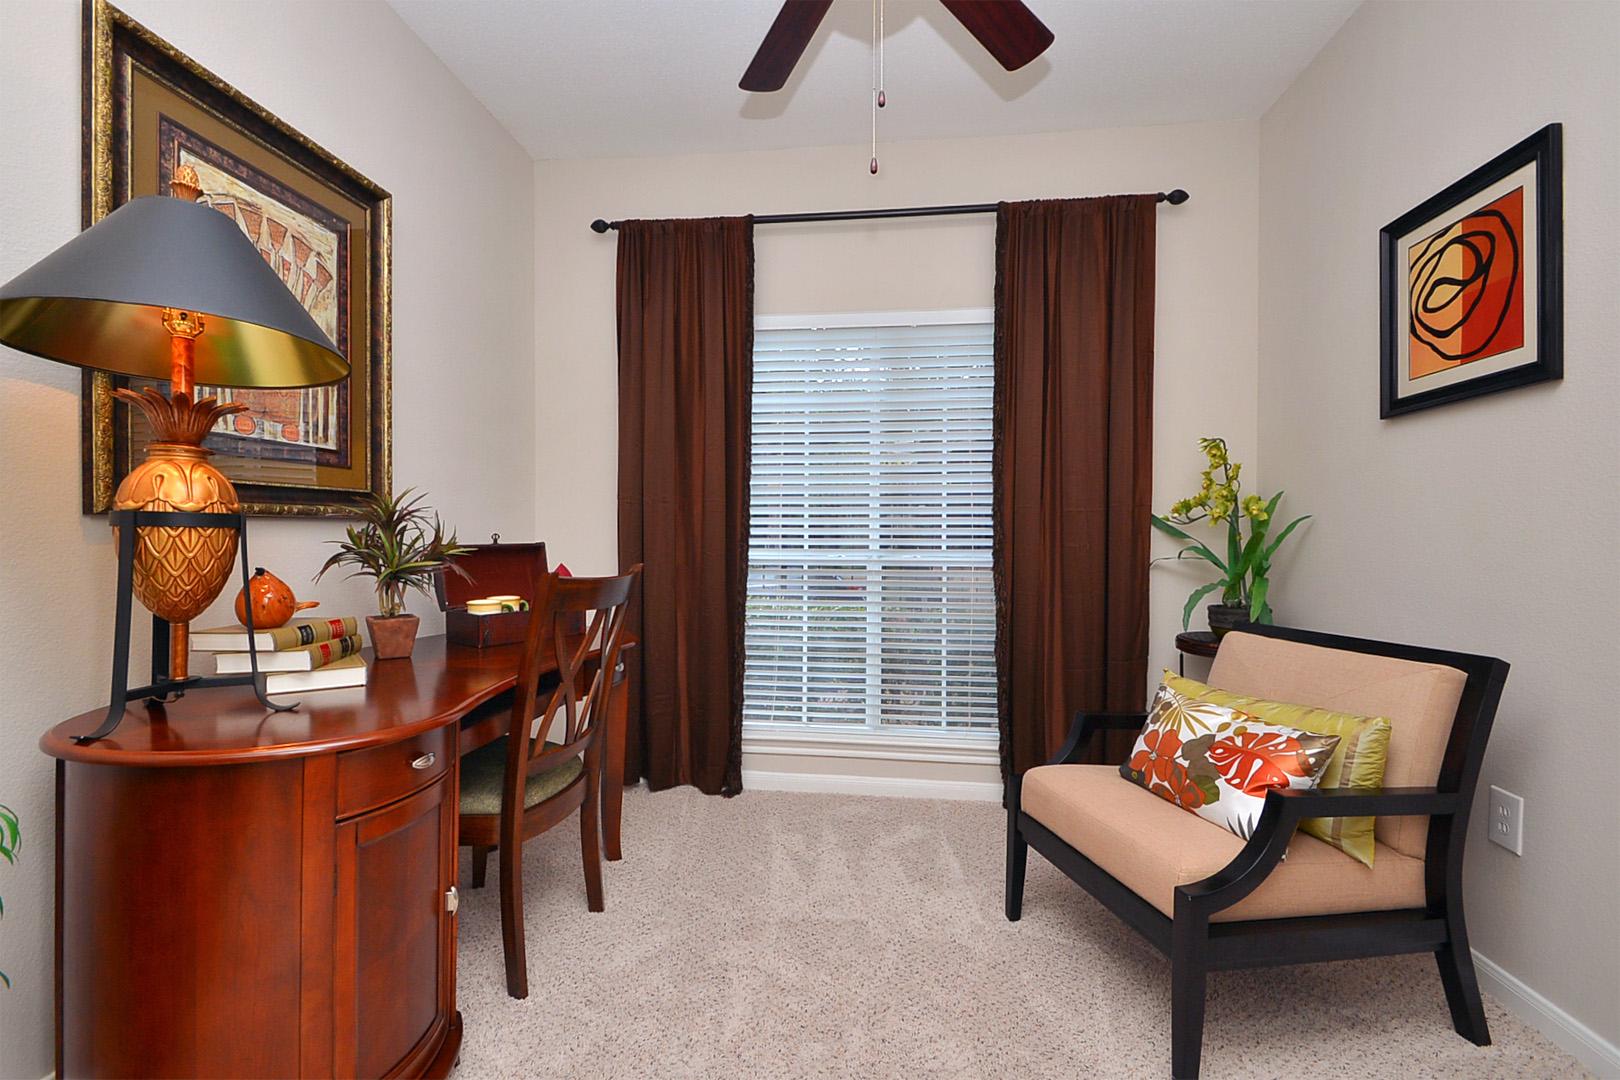 Apartments Midtown Houston Texas